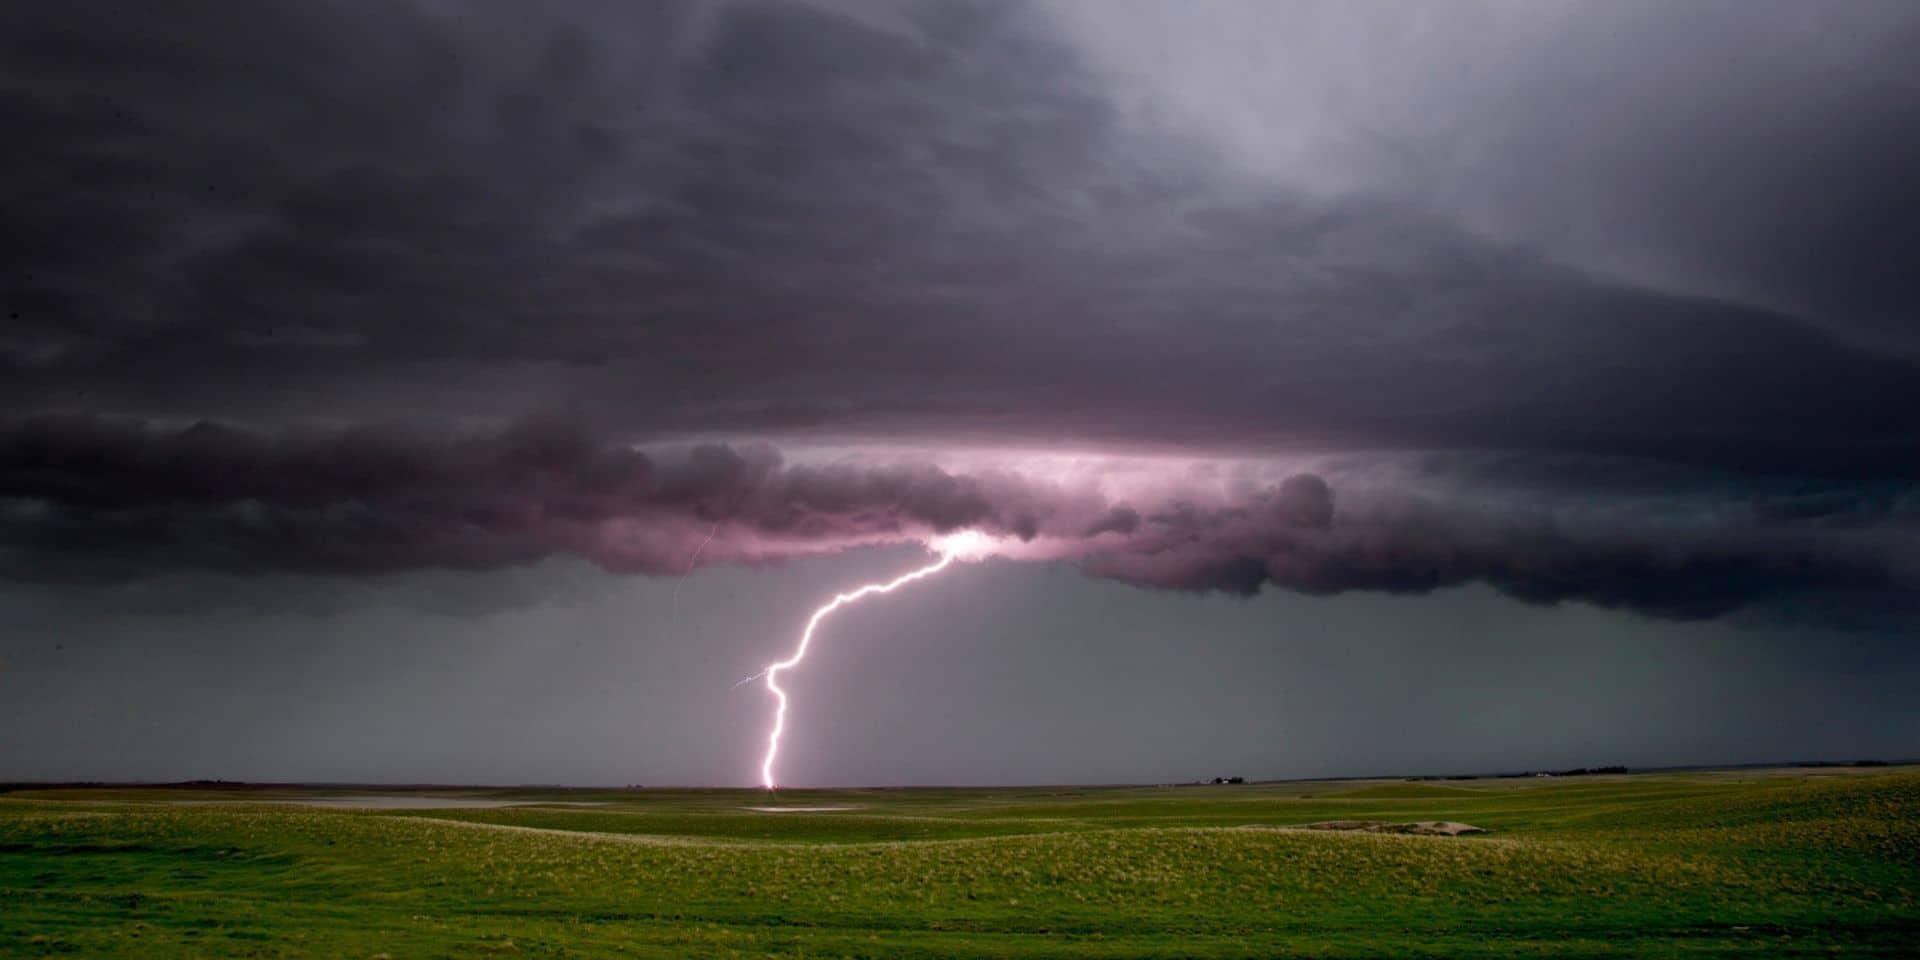 Météo: alerte jaune pour les orages jusqu'à samedi soir